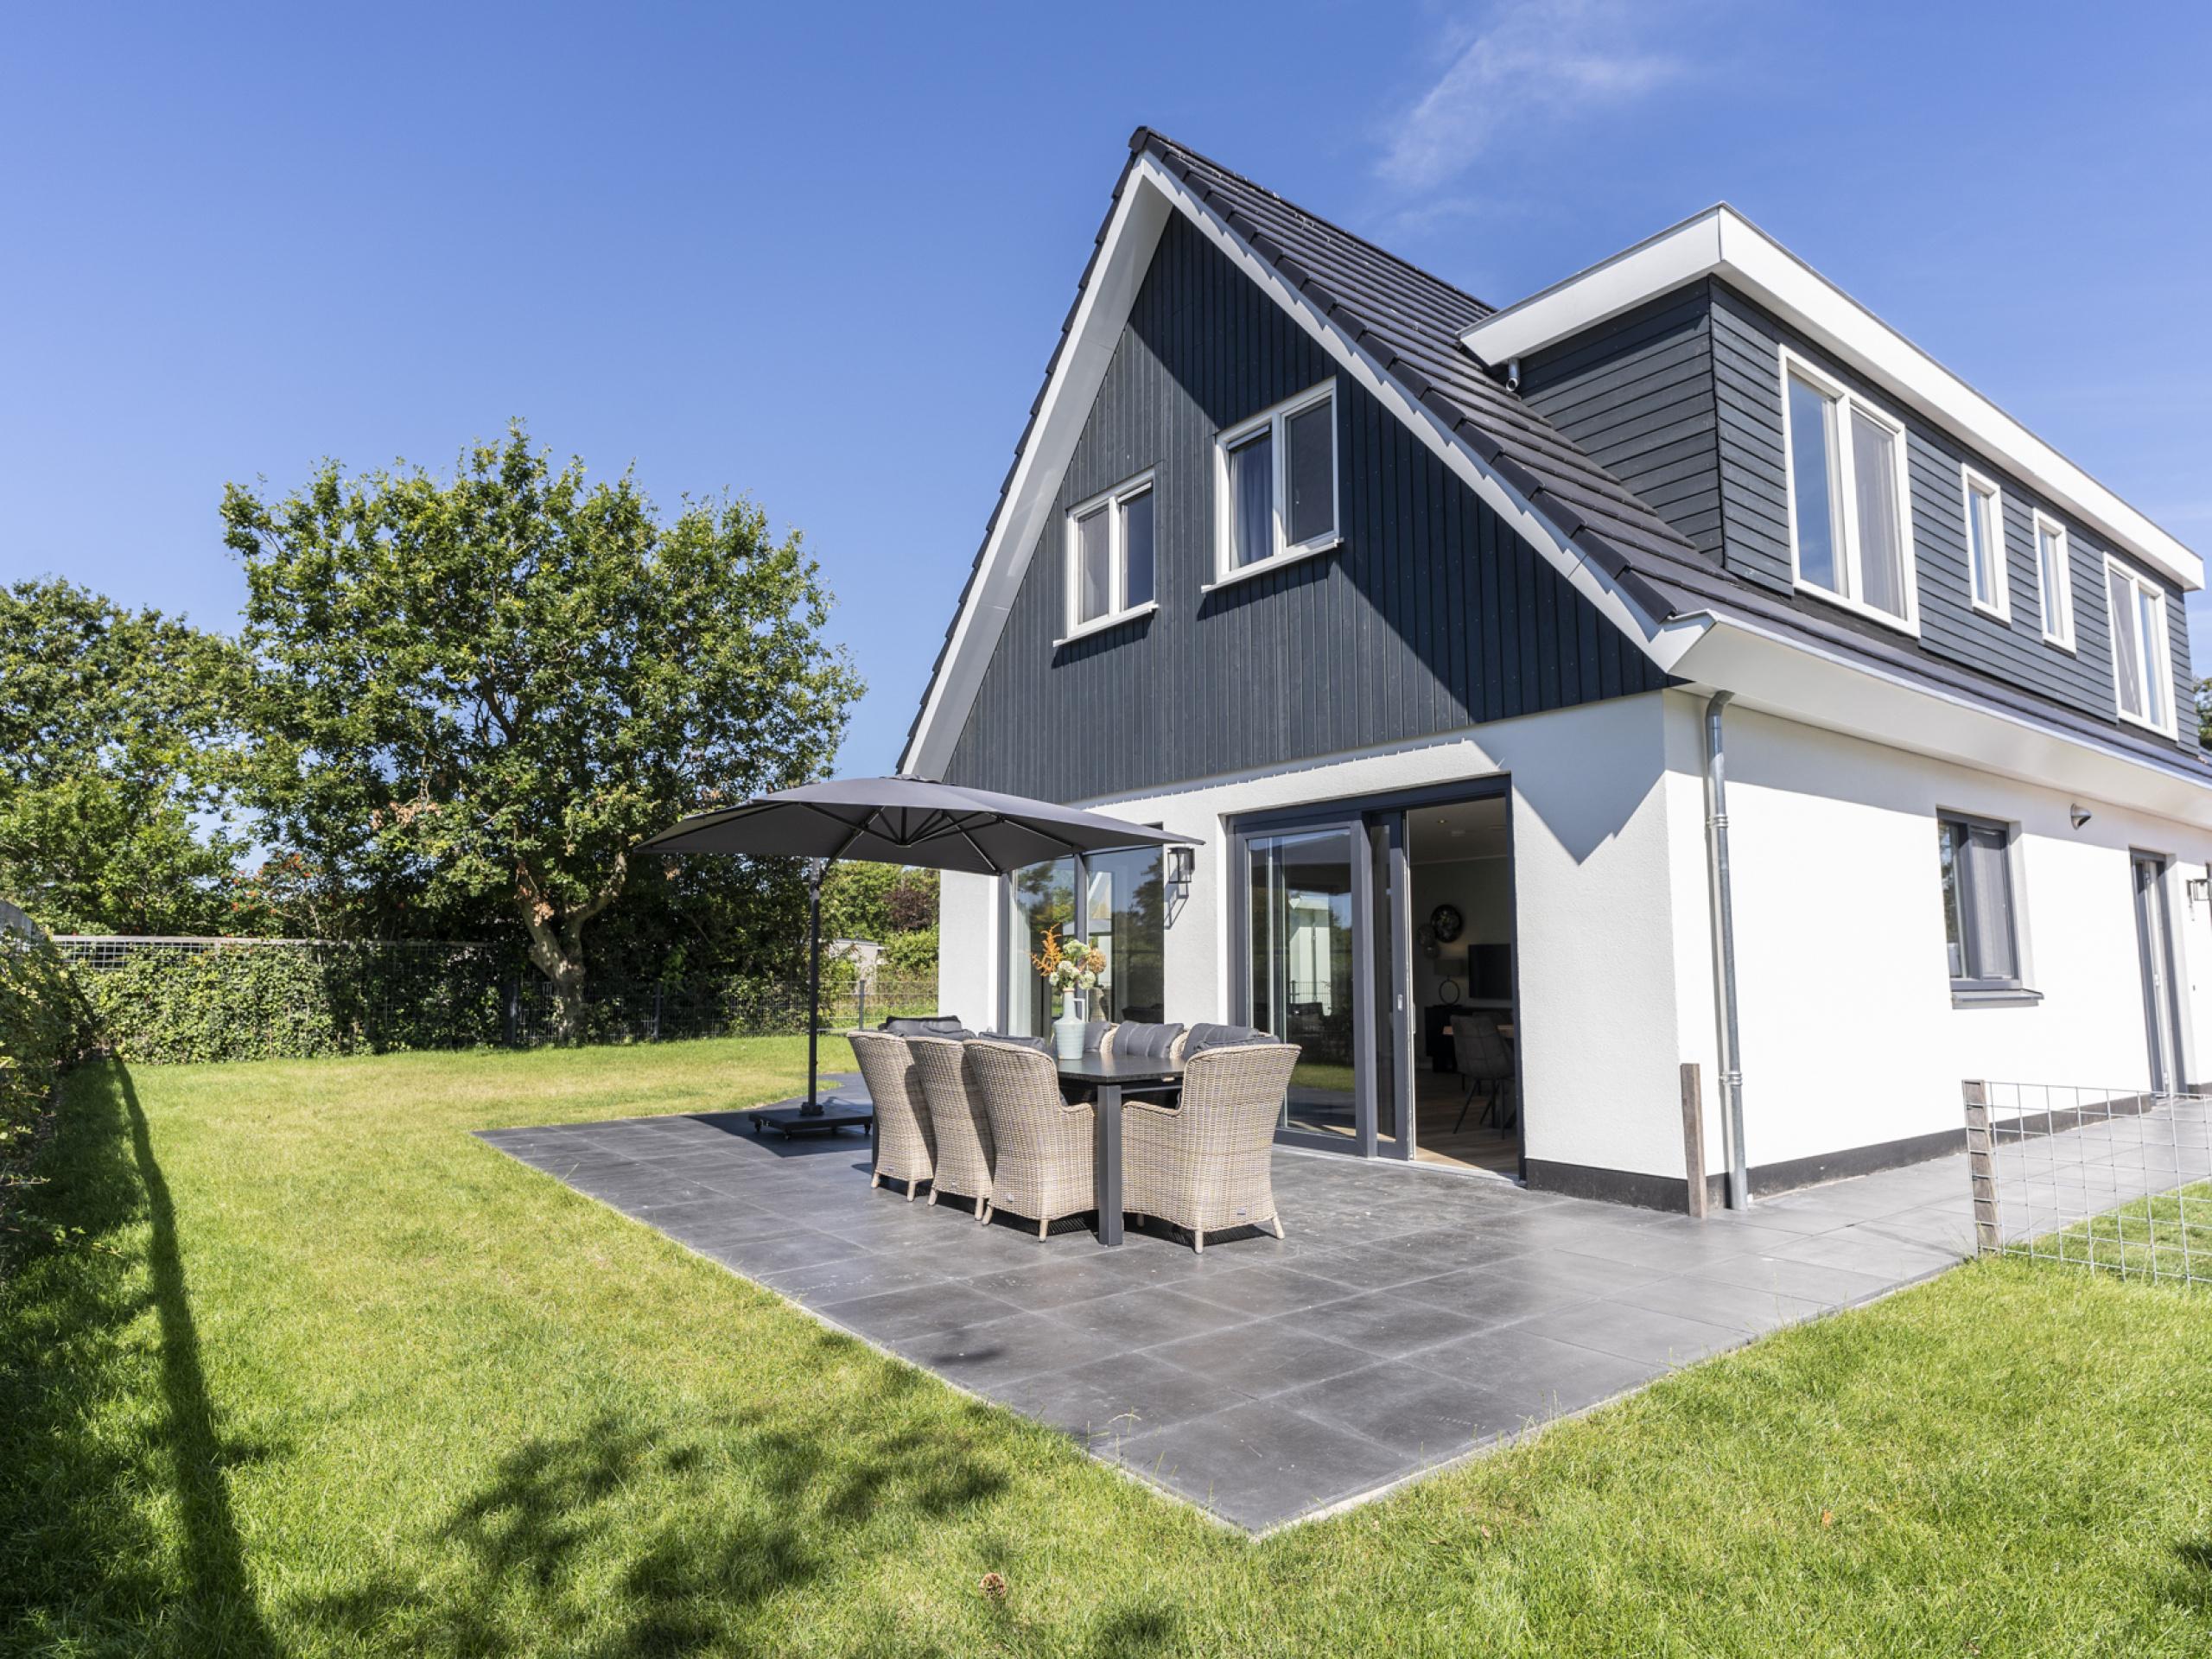 Luxus Ferienhaus in der Nähe von Nordseestrand, Wald und Dünen